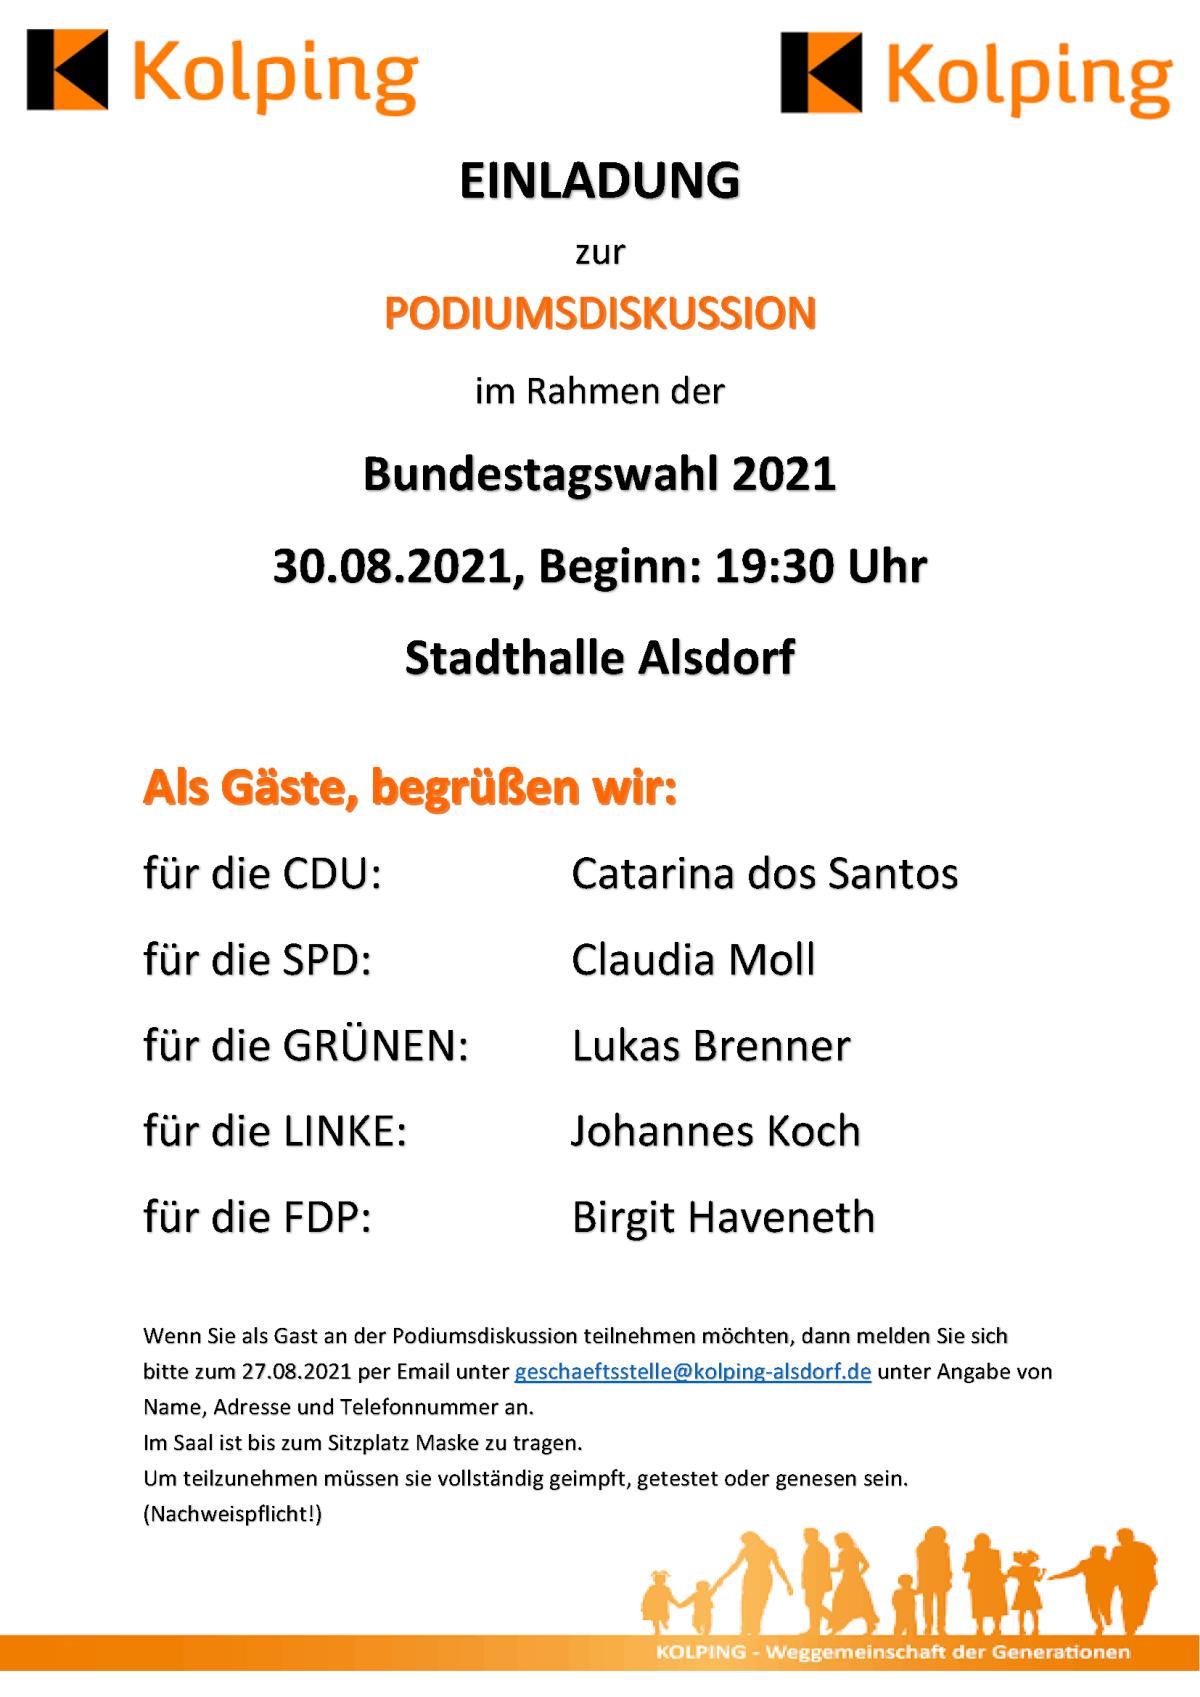 Kolpingfamilie Alsdorf